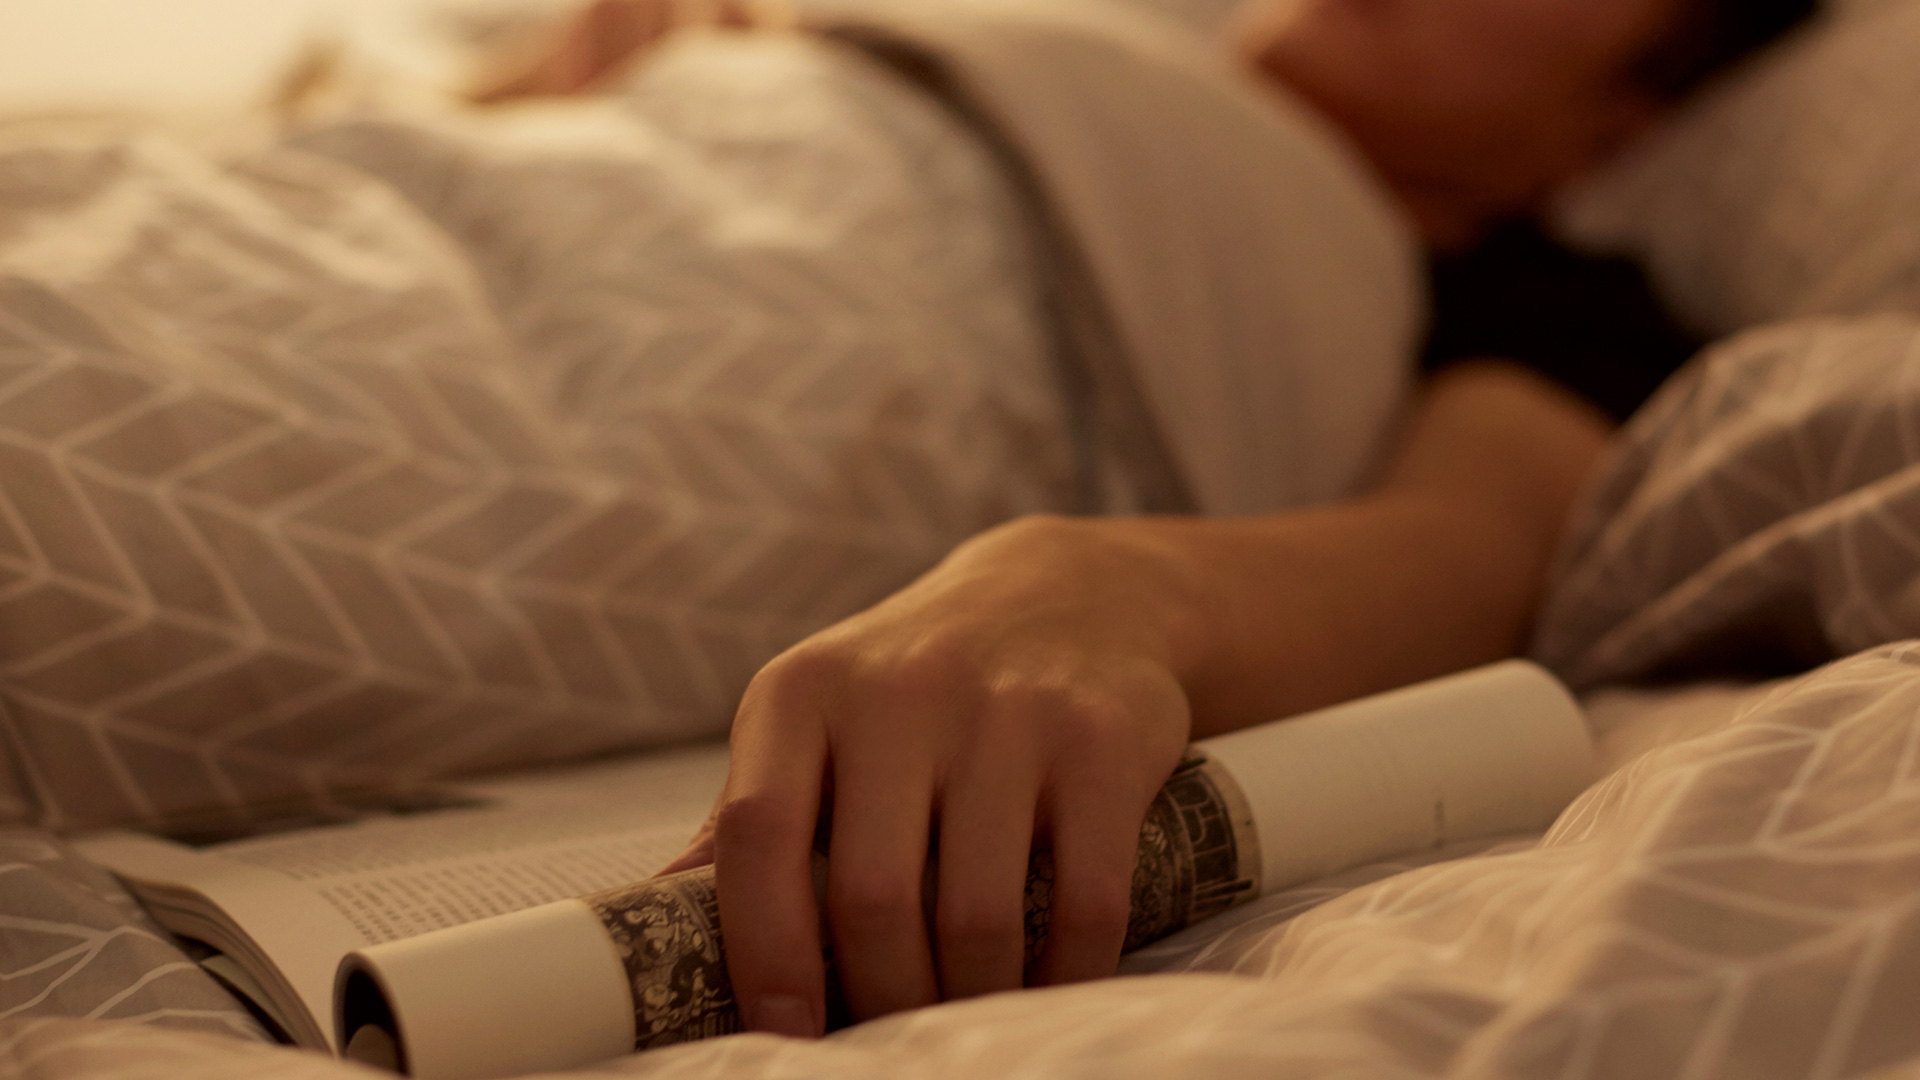 有眠,究极选材,挑剔触肤体验,让睡眠质量更好,让城市今夜有眠。四件套包含:枕套两件、被罩一件、床单或床笠一件。